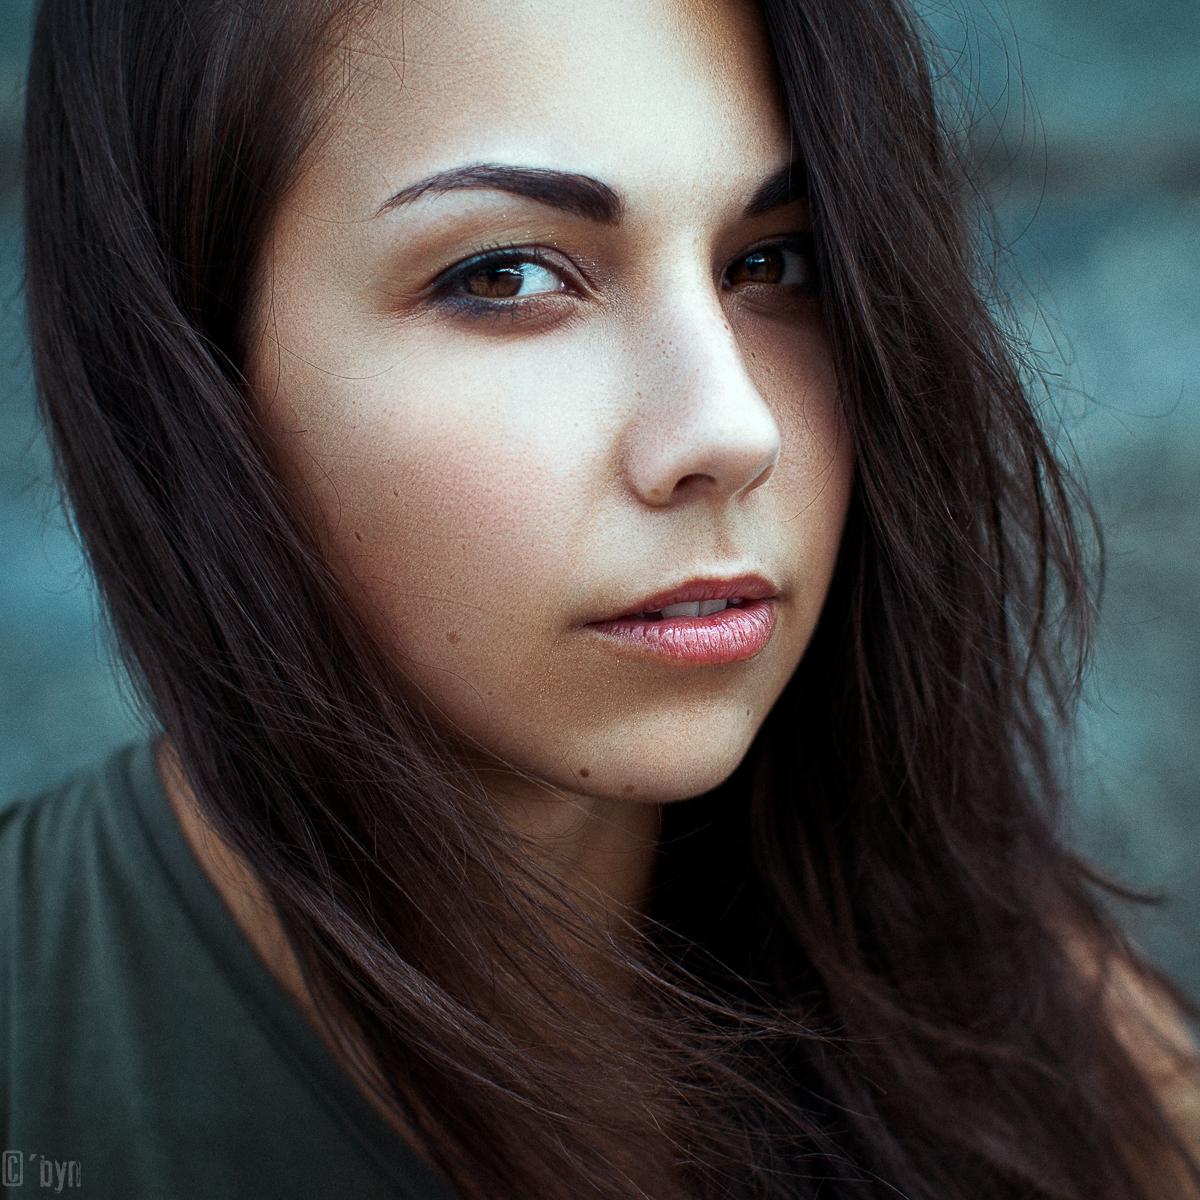 Maryashka by cbyn